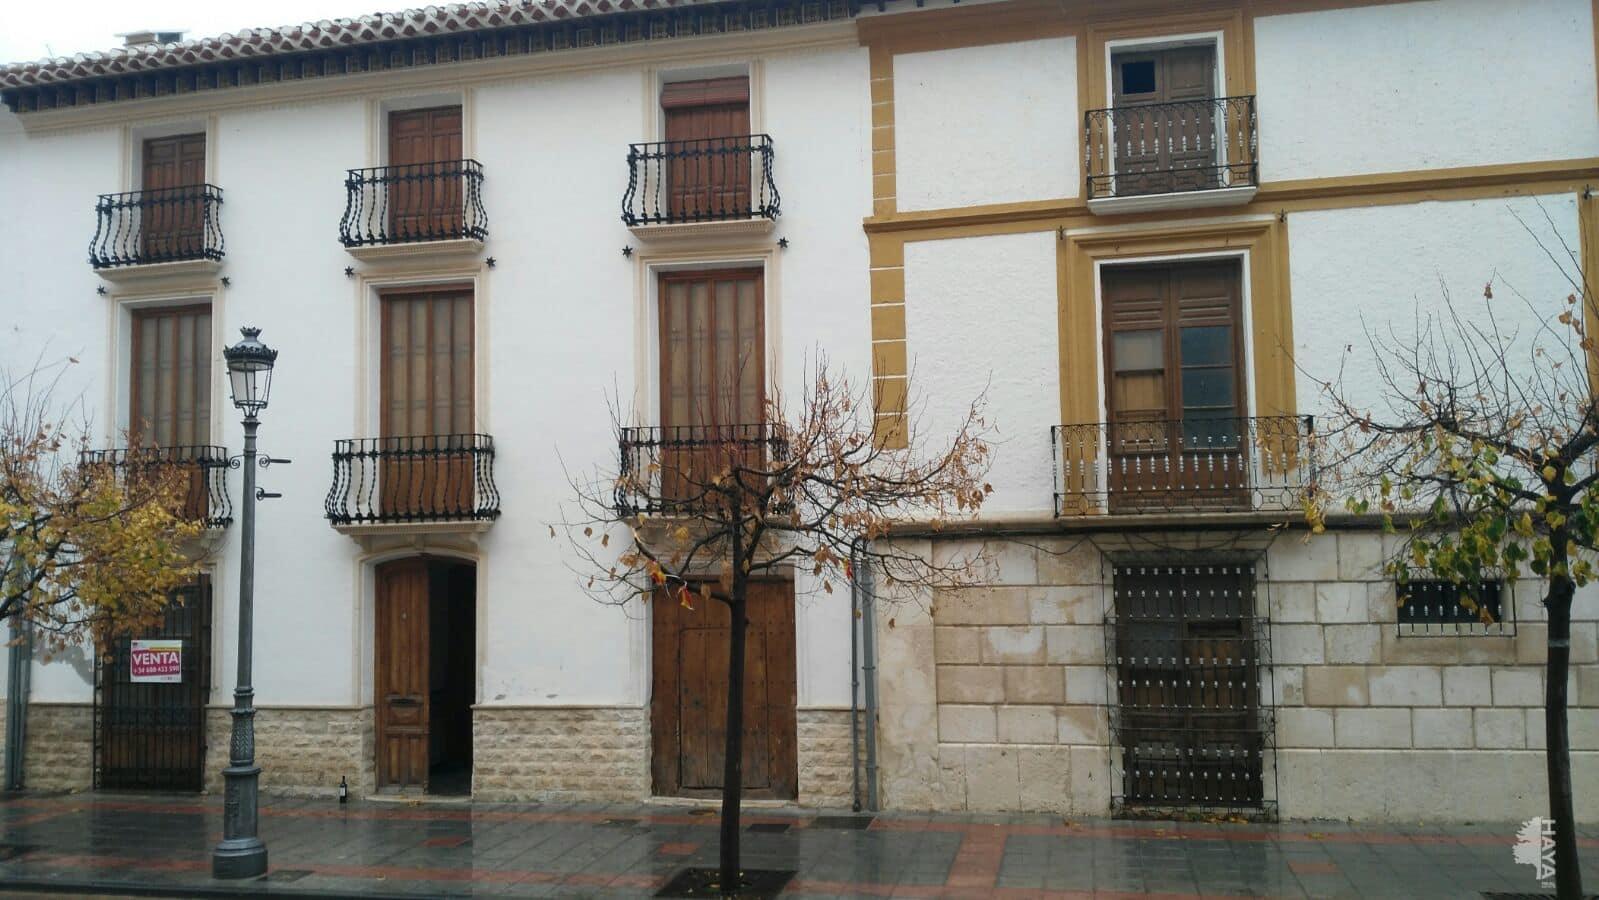 Casa en venta en Vélez-blanco, Vélez-blanco, Almería, Calle Corredera, 153.200 €, 10 habitaciones, 20 baños, 326 m2